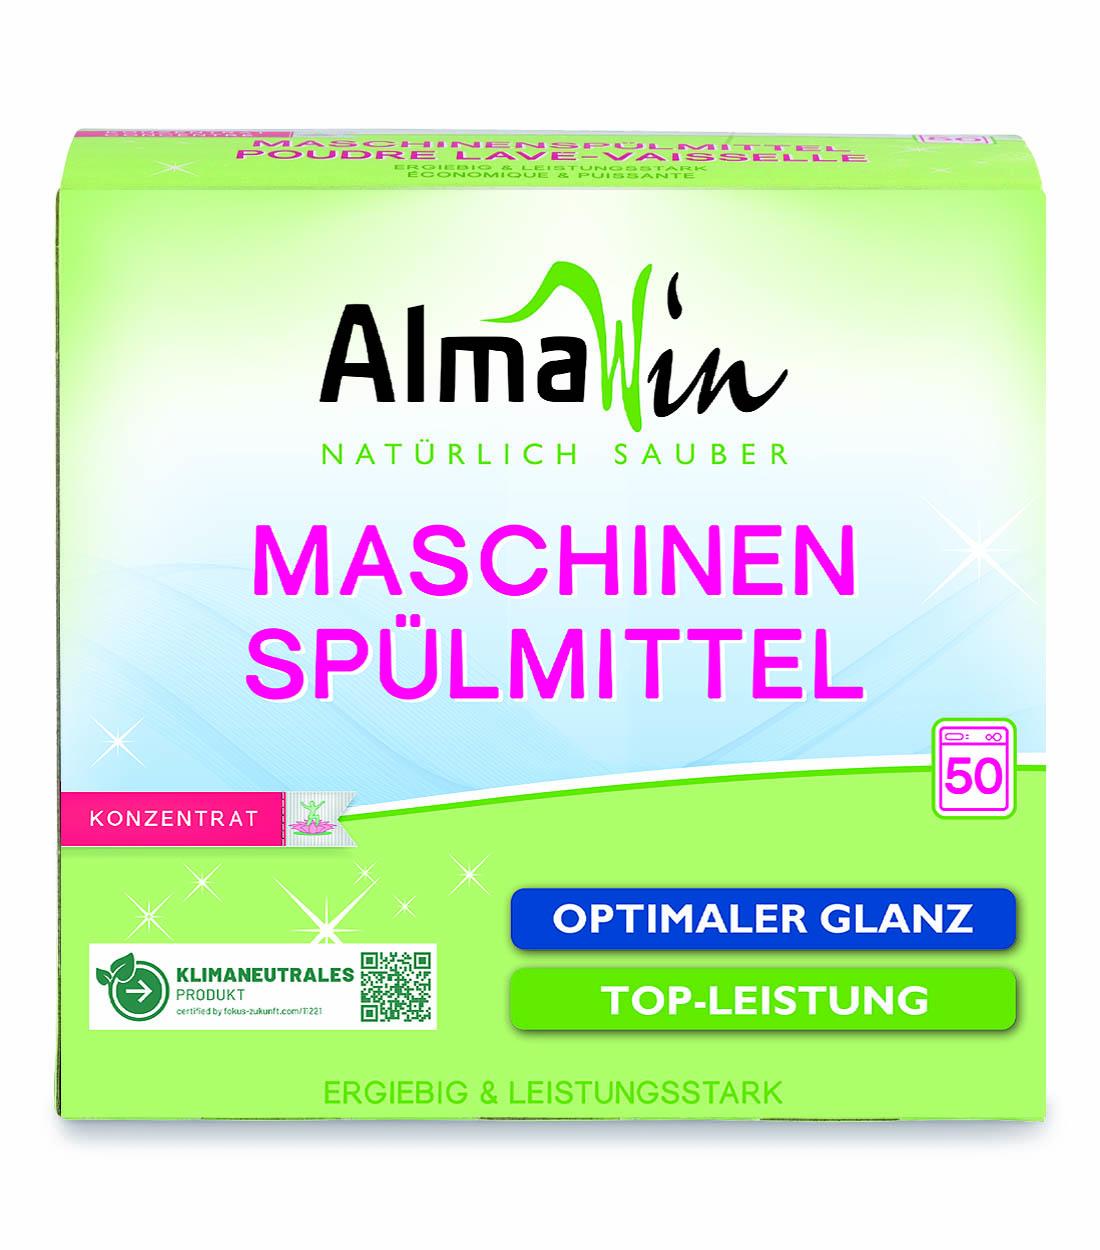 AlmaWin Maschinenspülmittel